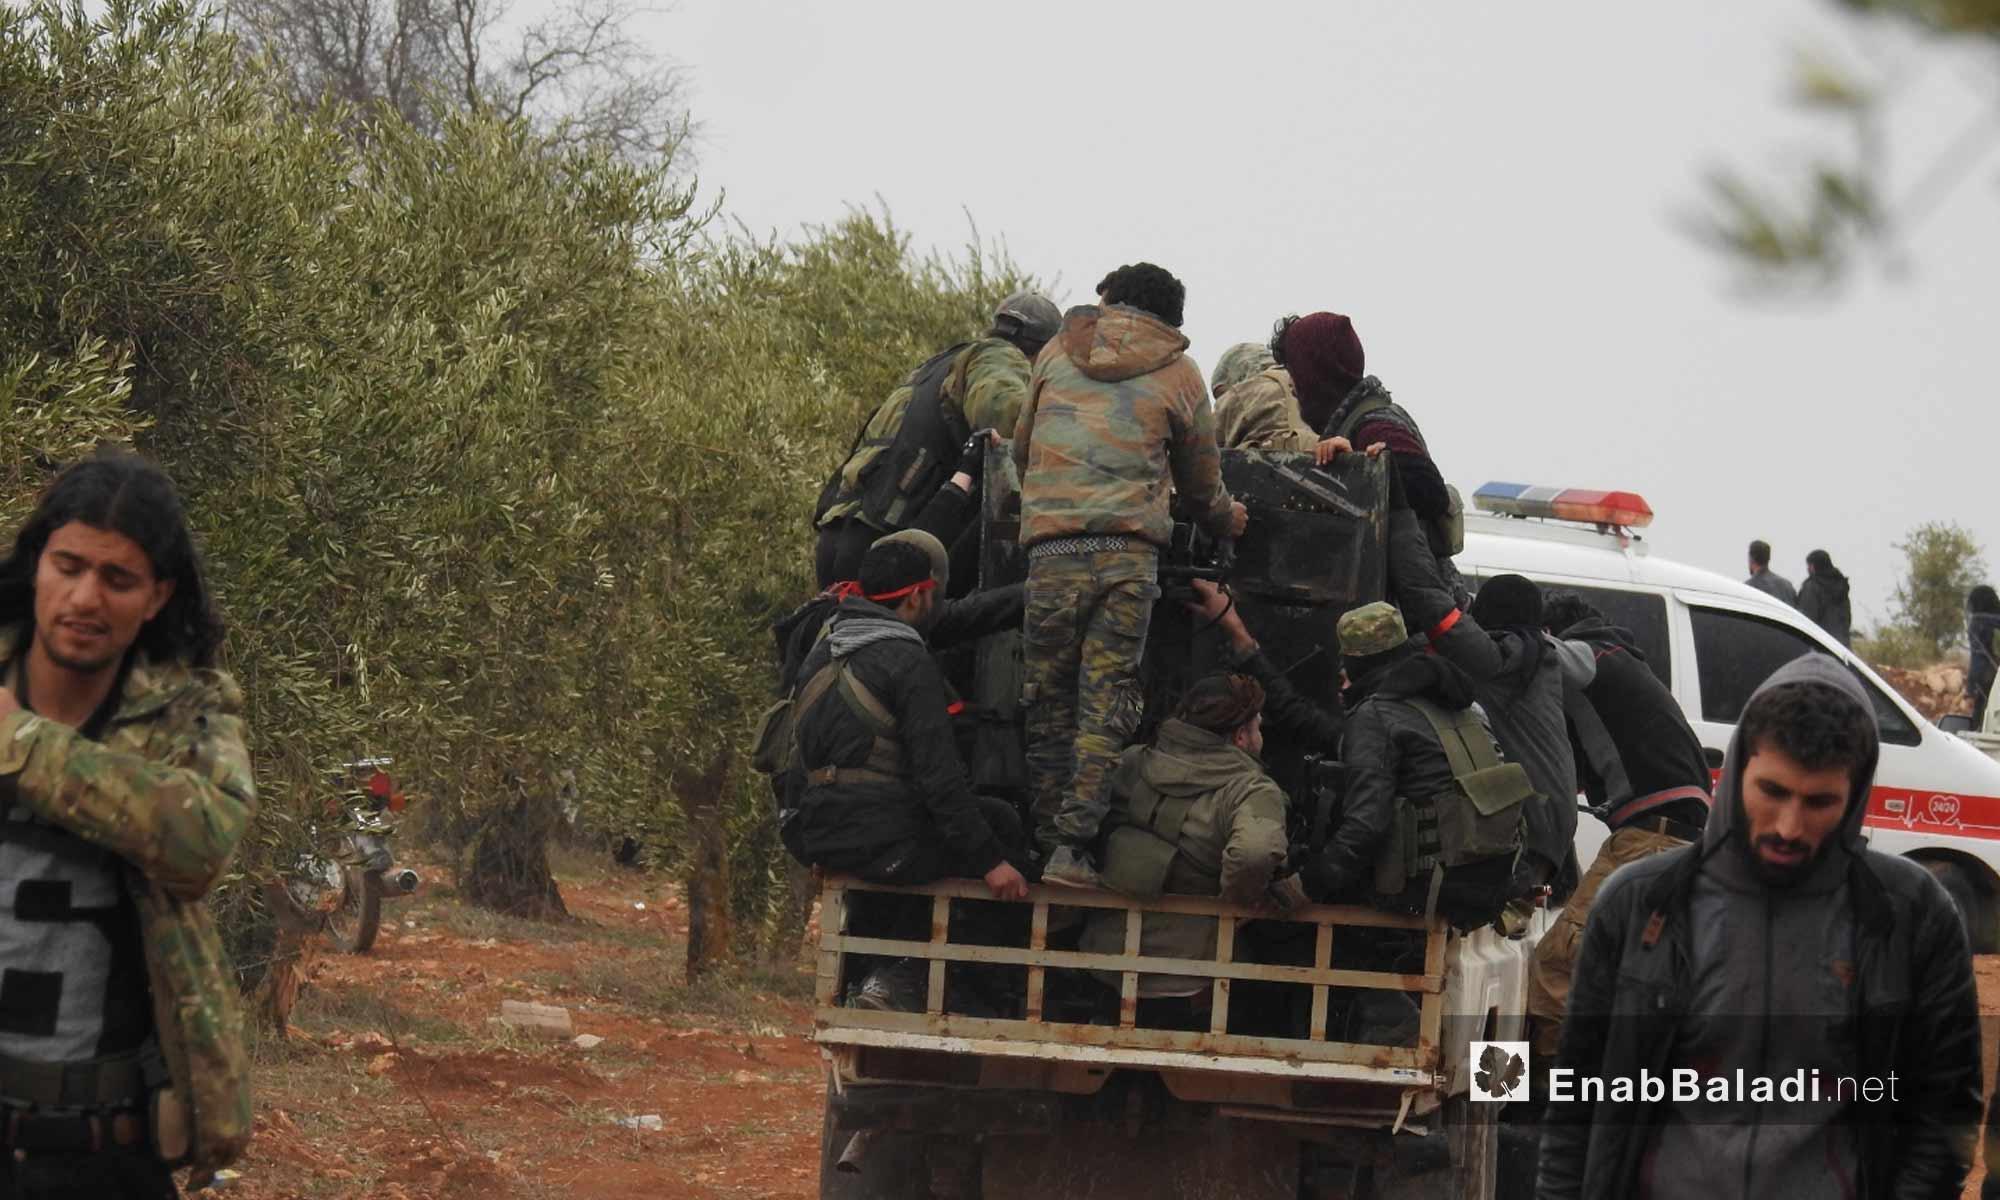 عناصر من الجيش الحر على محور شران بريف مدينة عفرين - 11 شباط 2018 (عنب بلدي)